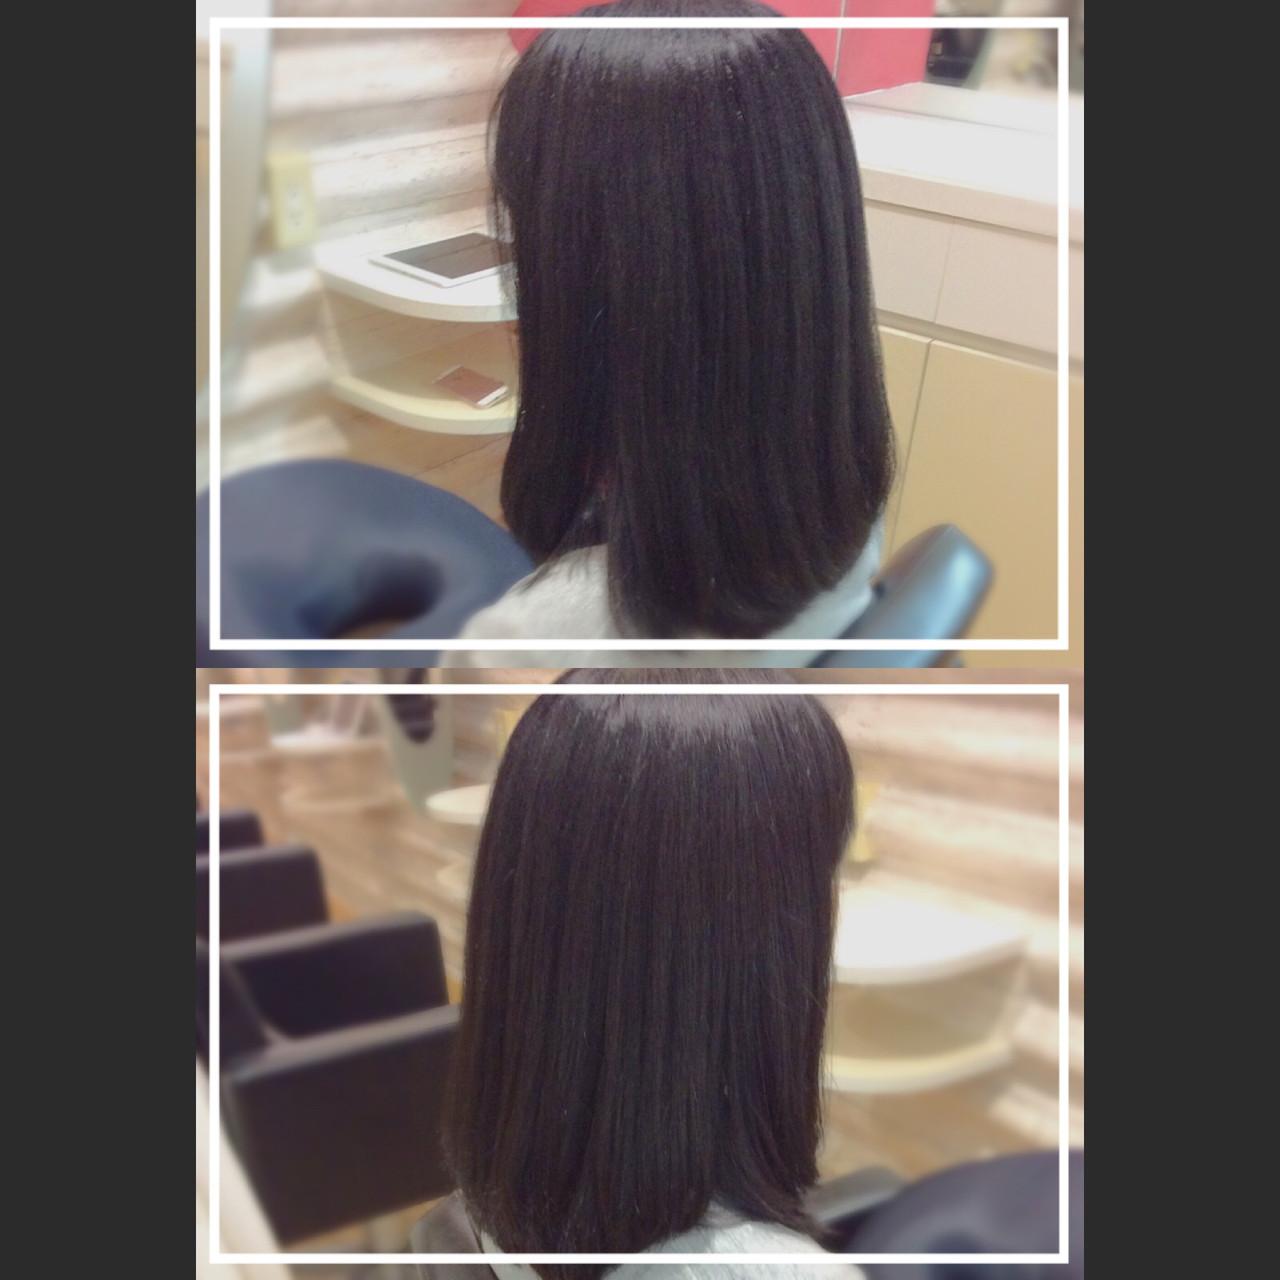 ロング 髪質改善 大人ヘアスタイル 艶髪 ヘアスタイルや髪型の写真・画像